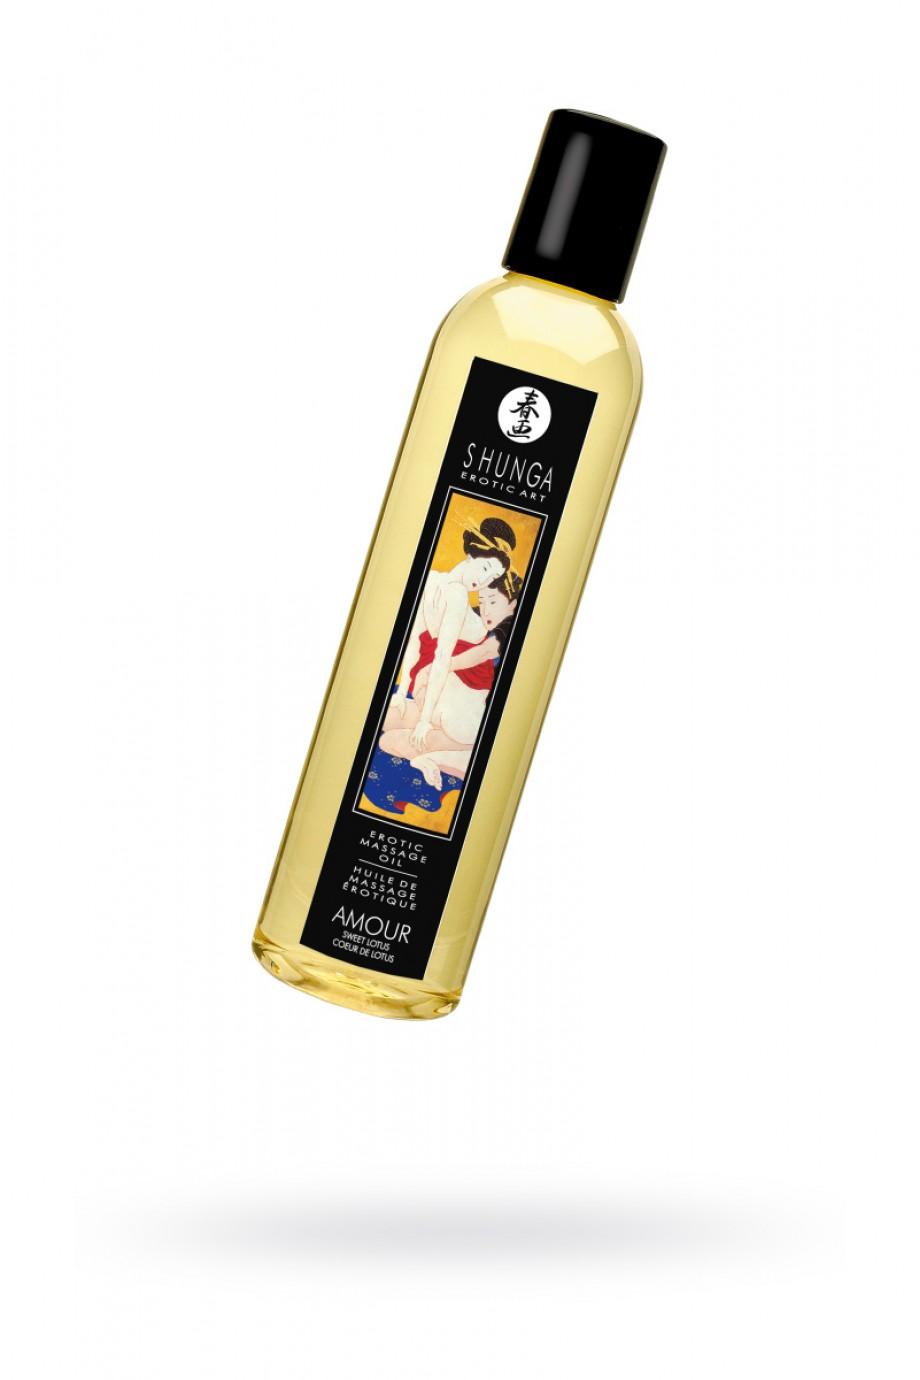 Масло для массажа Shunga Amour «Sweet Lotus», натуральное, возбуждающее, с цветочным ароматом, 250 мл